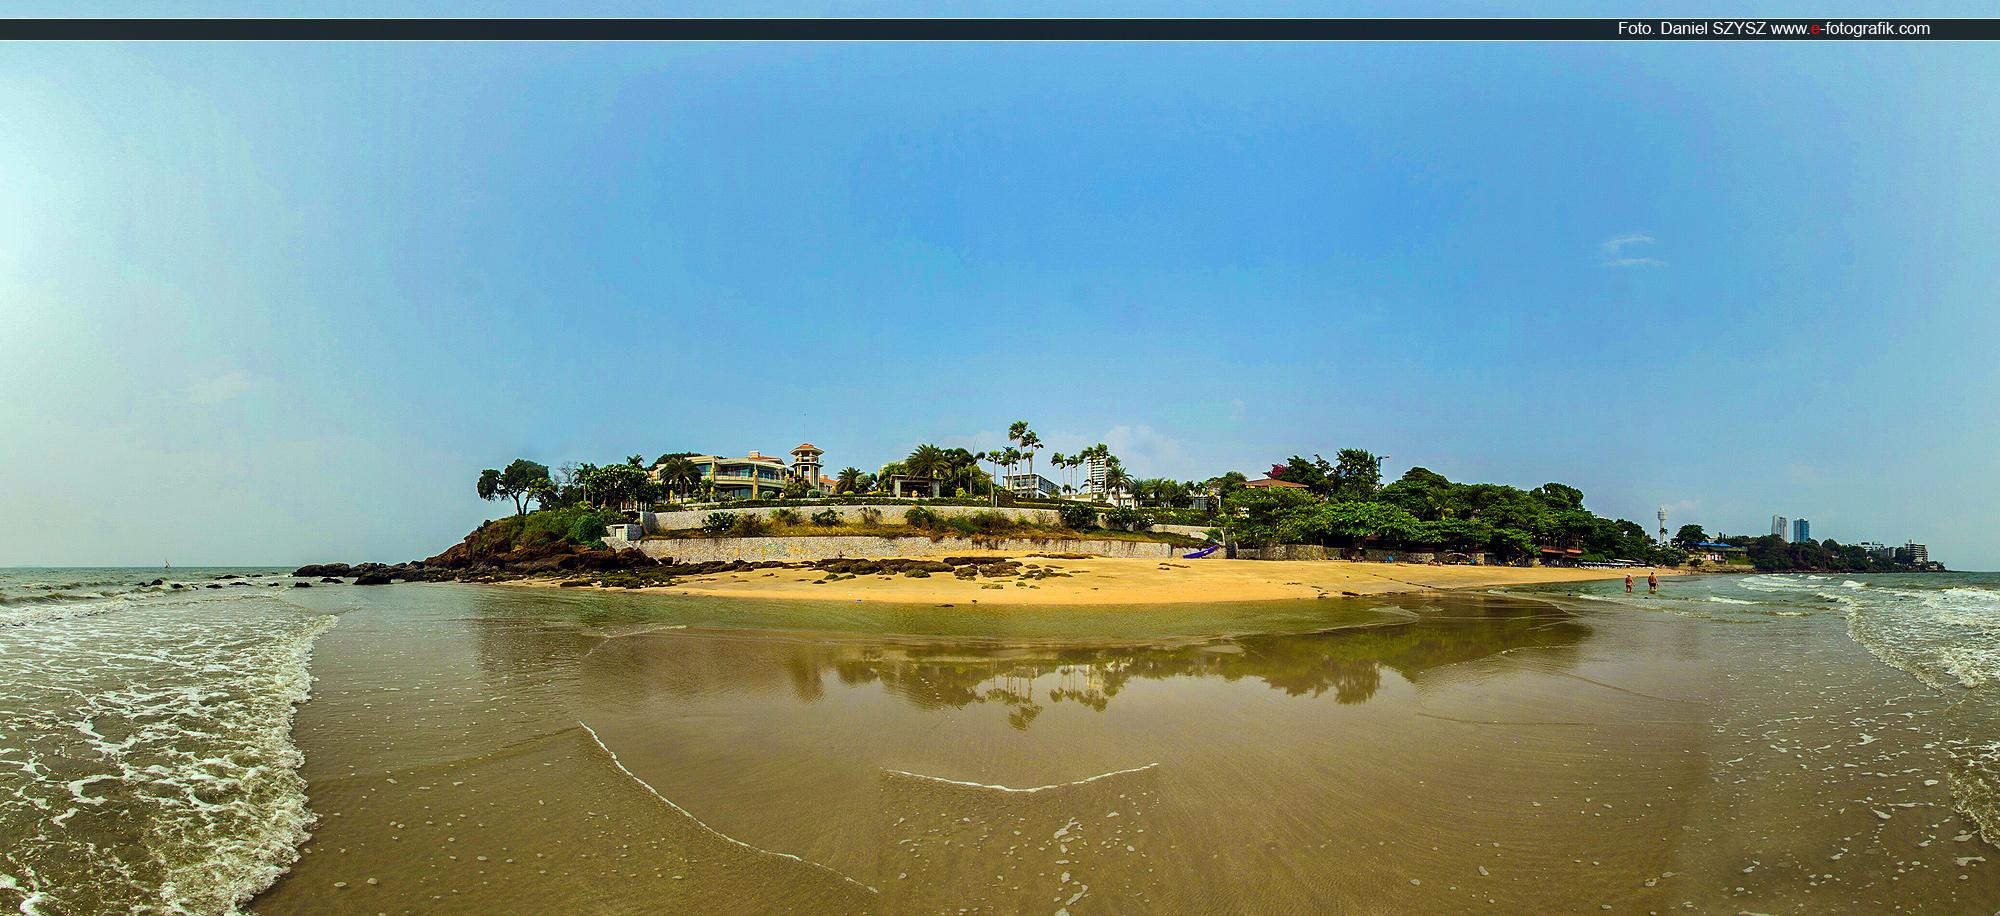 asja-hotel-pattaya-travel-szysz-wakacje